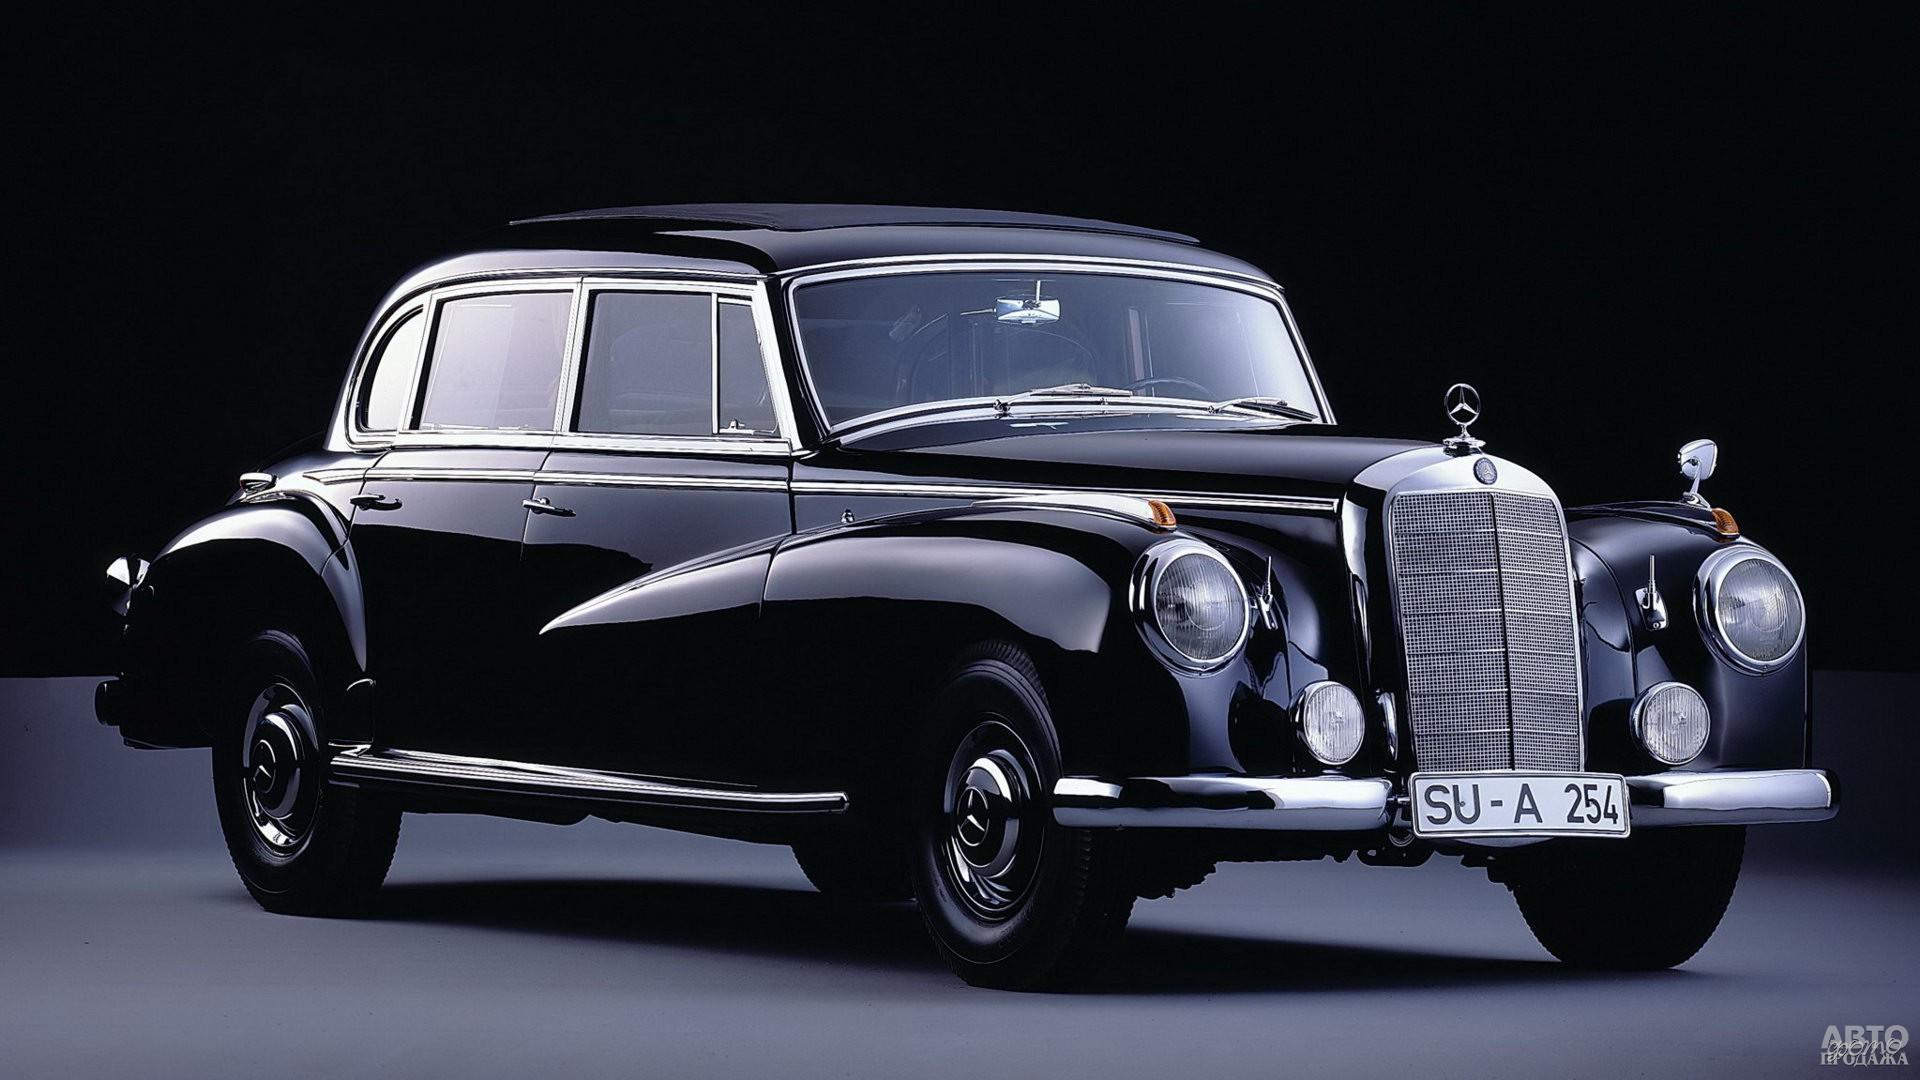 Этот Mеrcedes-Benz 300 1951 года обслуживал канцлера ФРГ Конрада Аденауэра